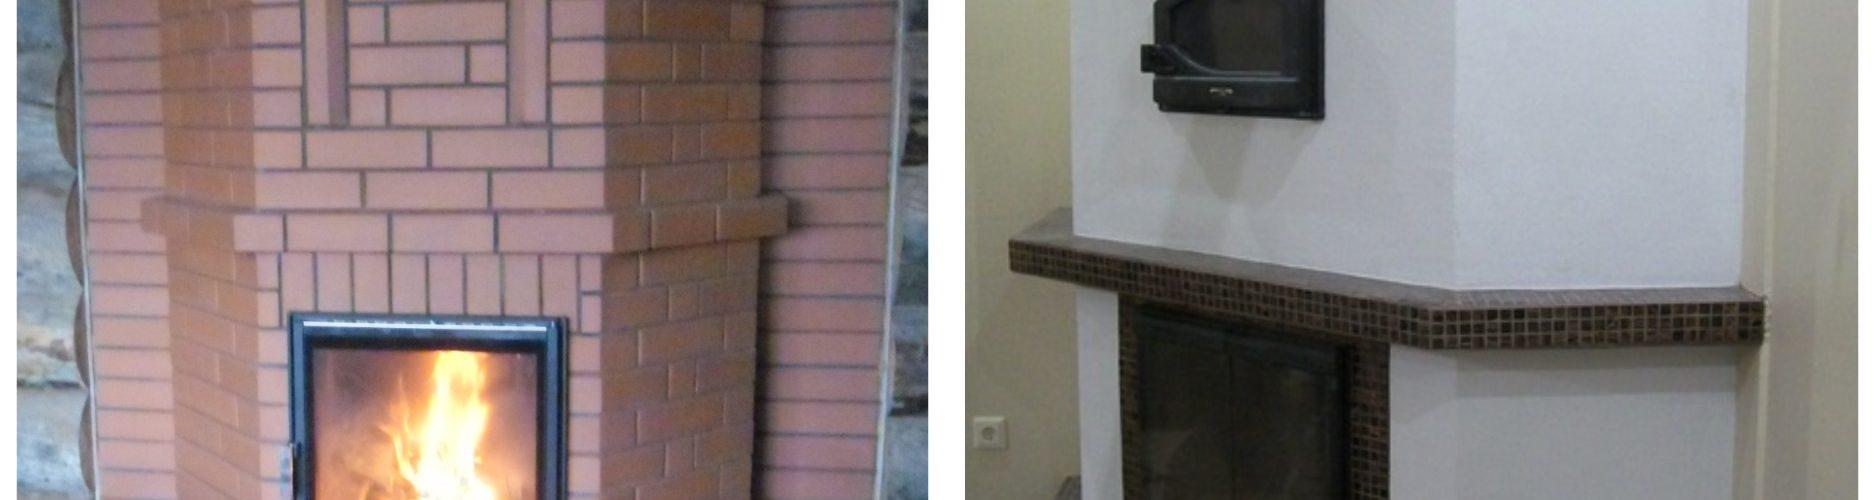 Отопительный камин с расшивкой швов и похожий камин с декоративной отделкой.